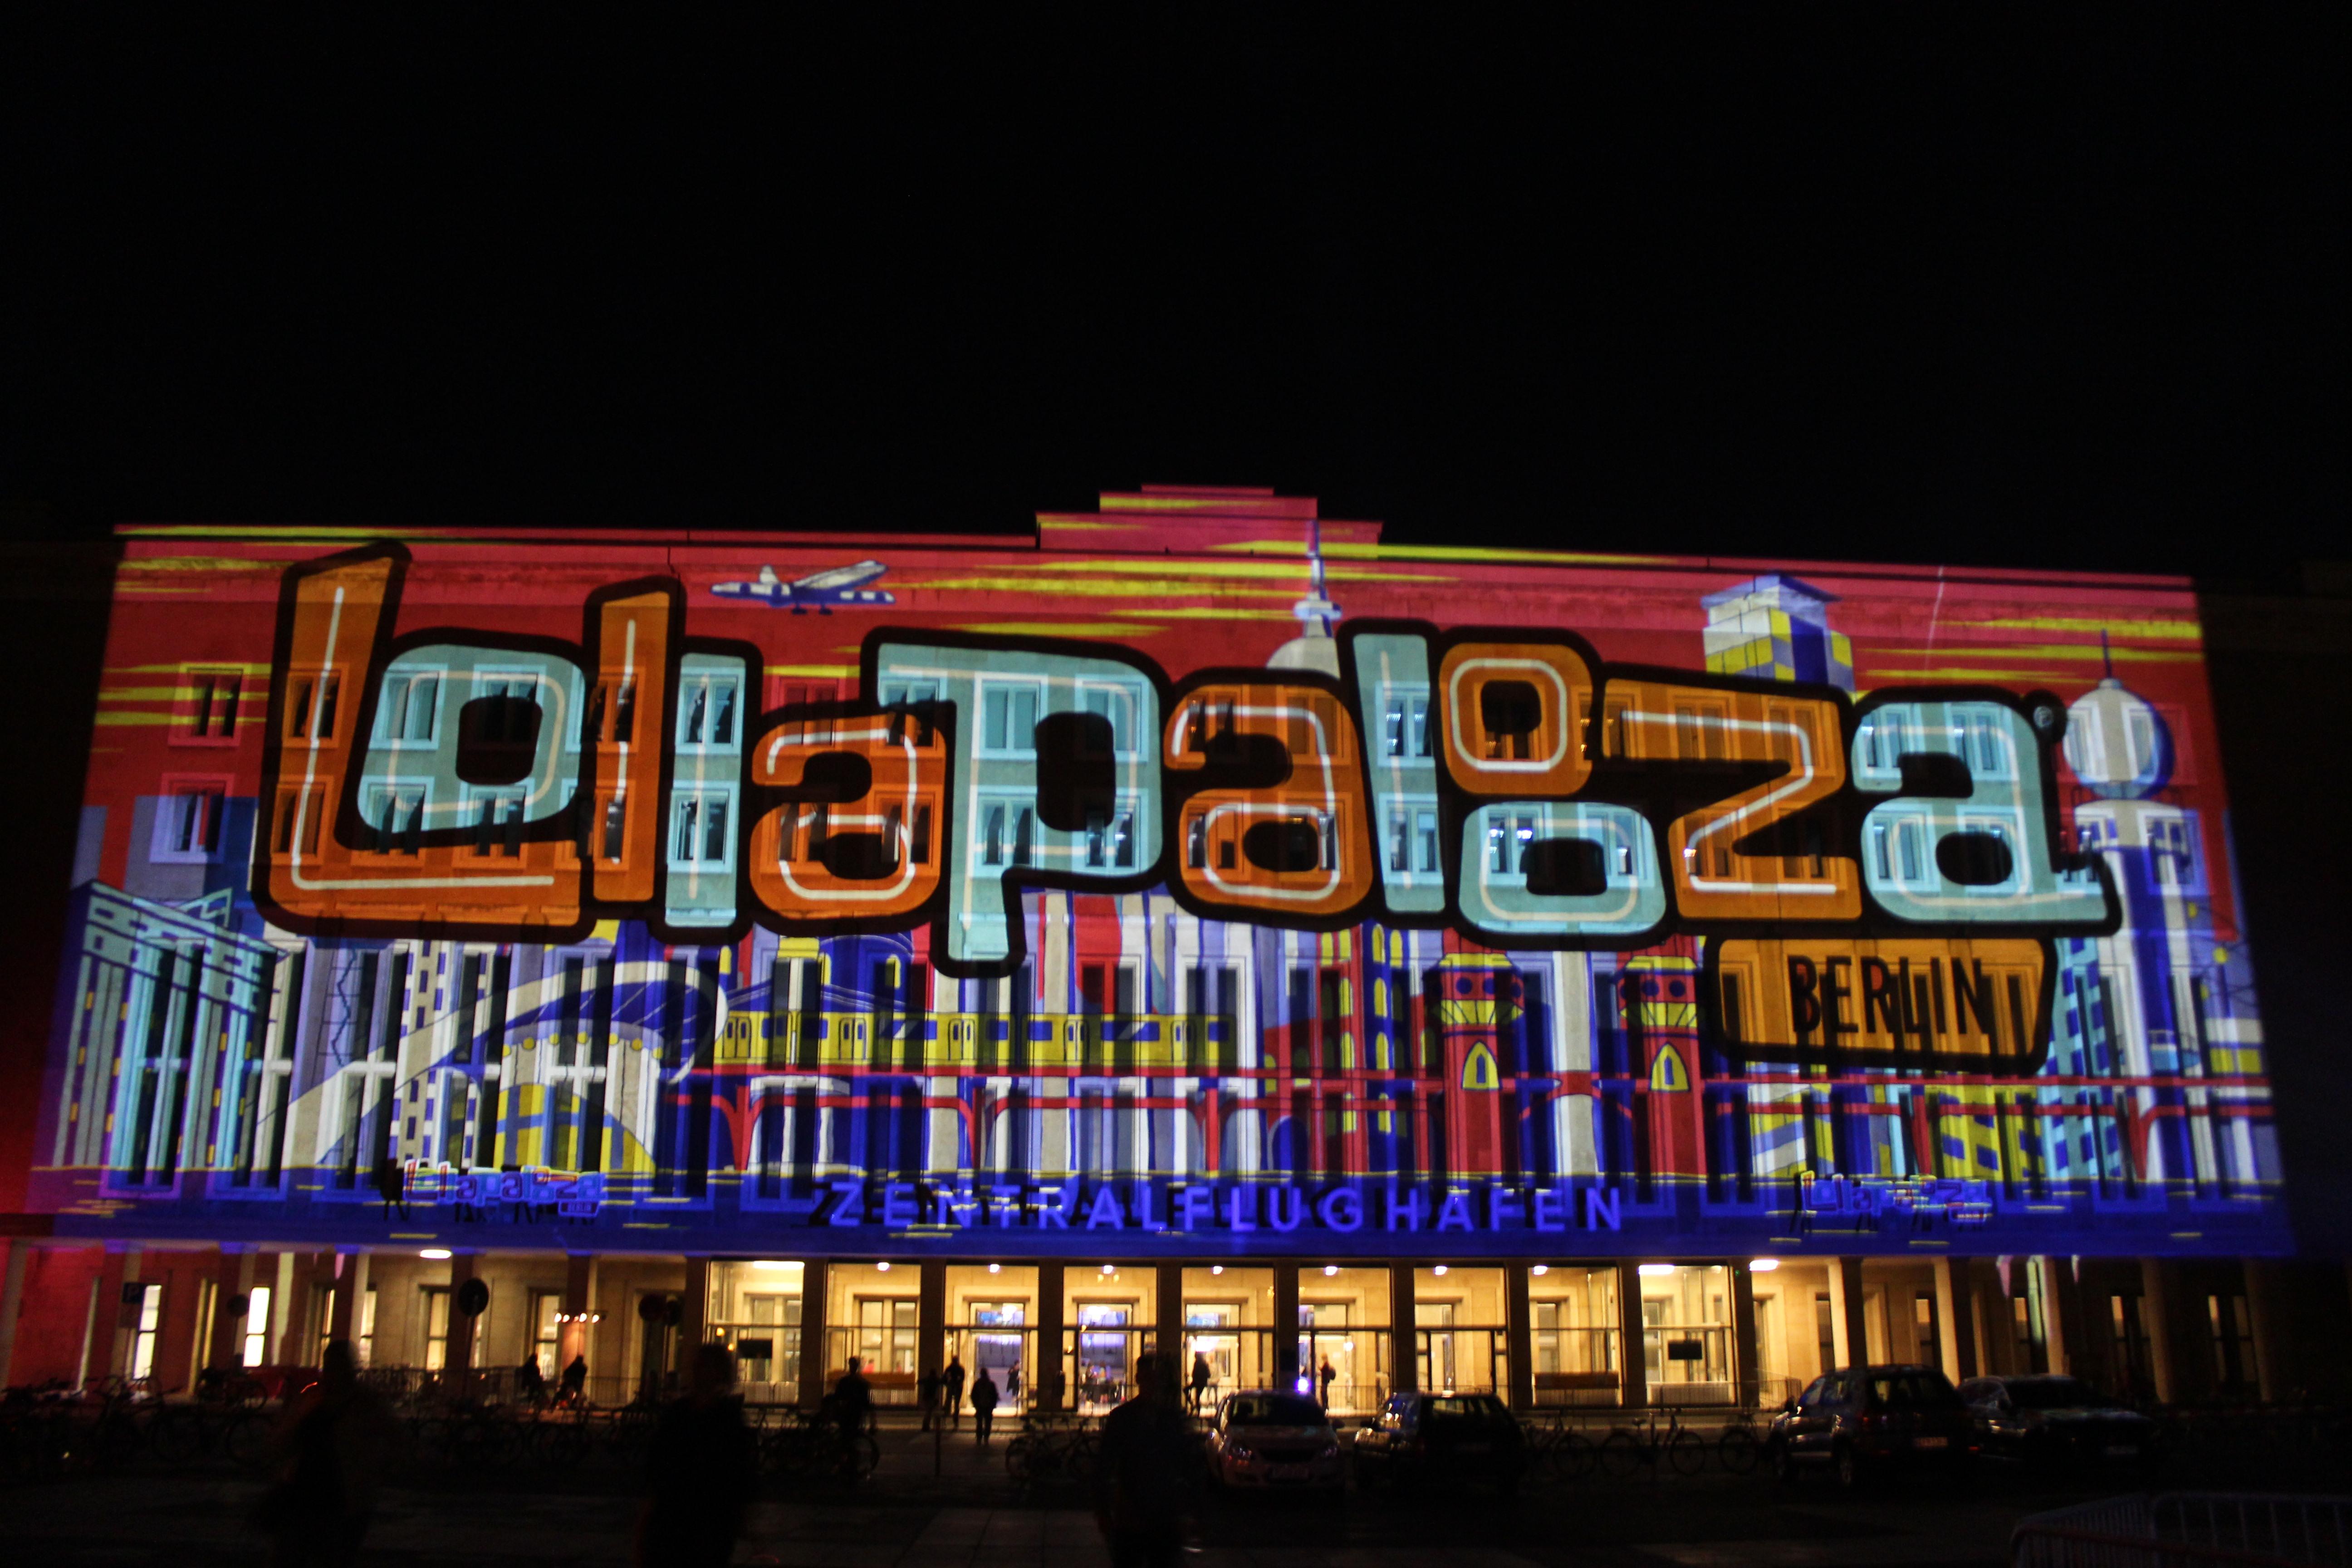 Beeindruckendes Festival bei beeindruckender Kulisse: so war es am Sonntag beim Lollapalooza Festival in Berlin